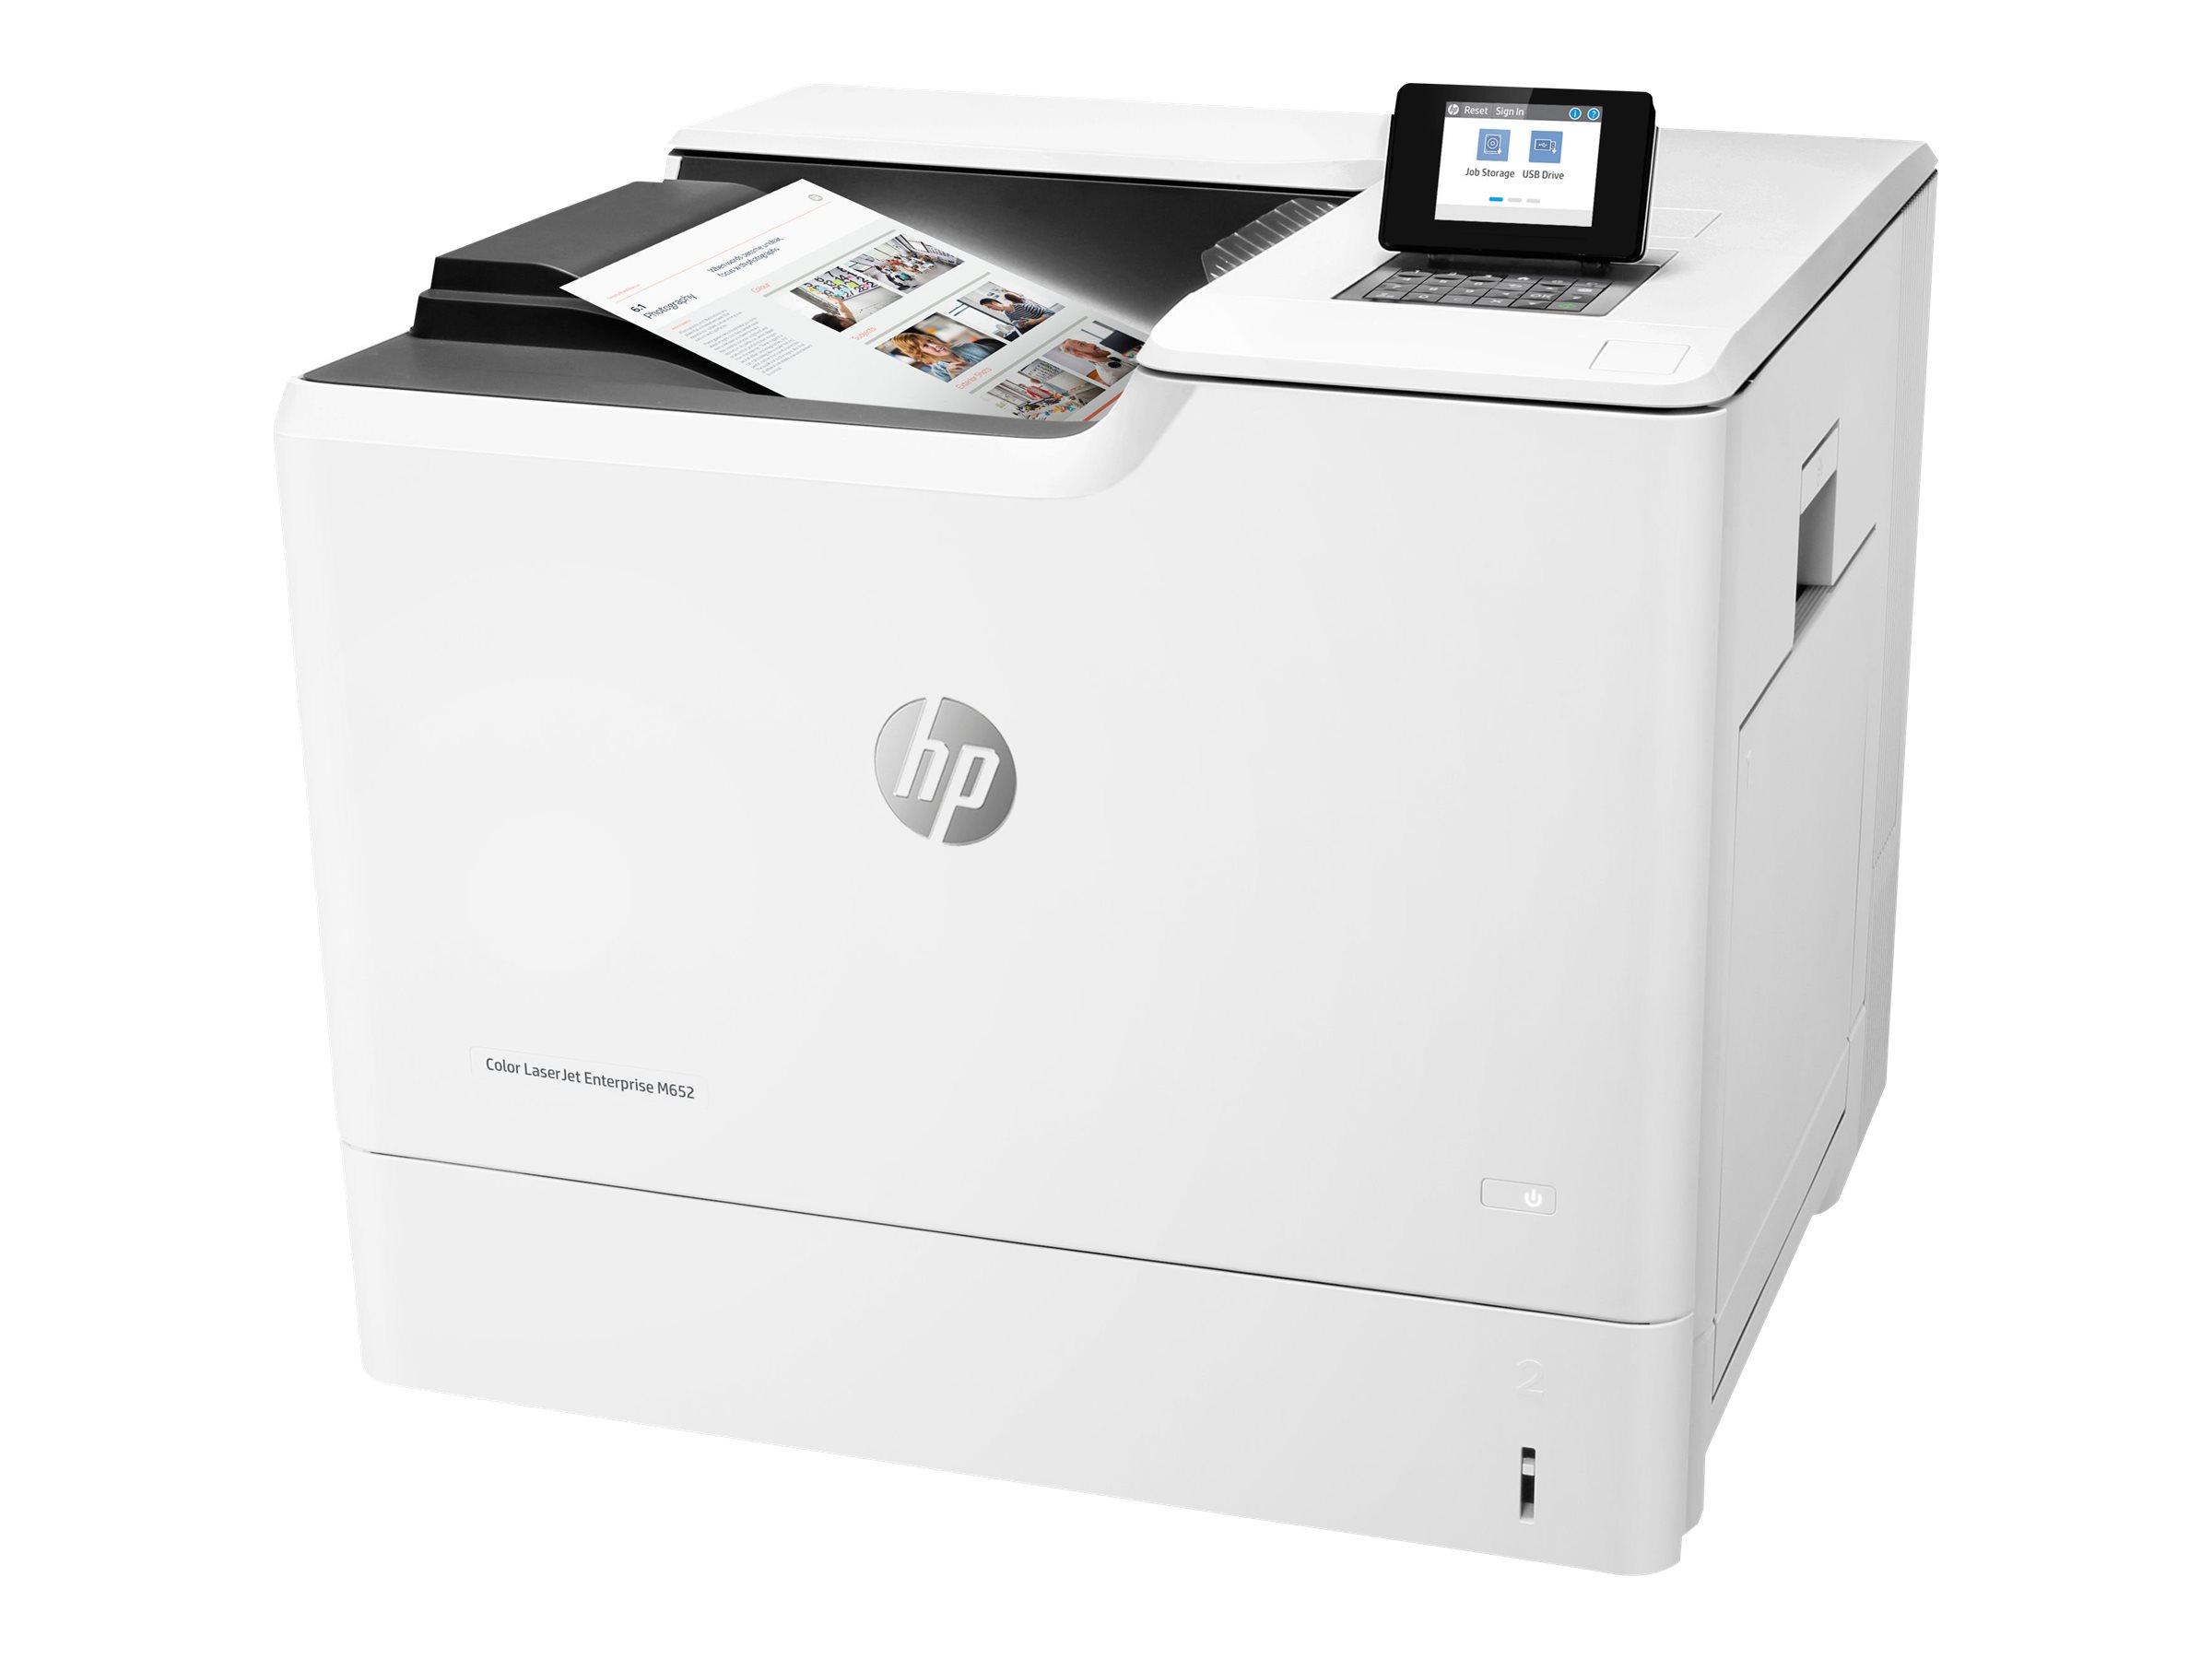 HP Color LaserJet Enterprise M652n - Drucker - Farbe - Laser - A4/Legal - 1200 x 1200 dpi - bis zu 47 Seiten/Min. (einfarbig)/